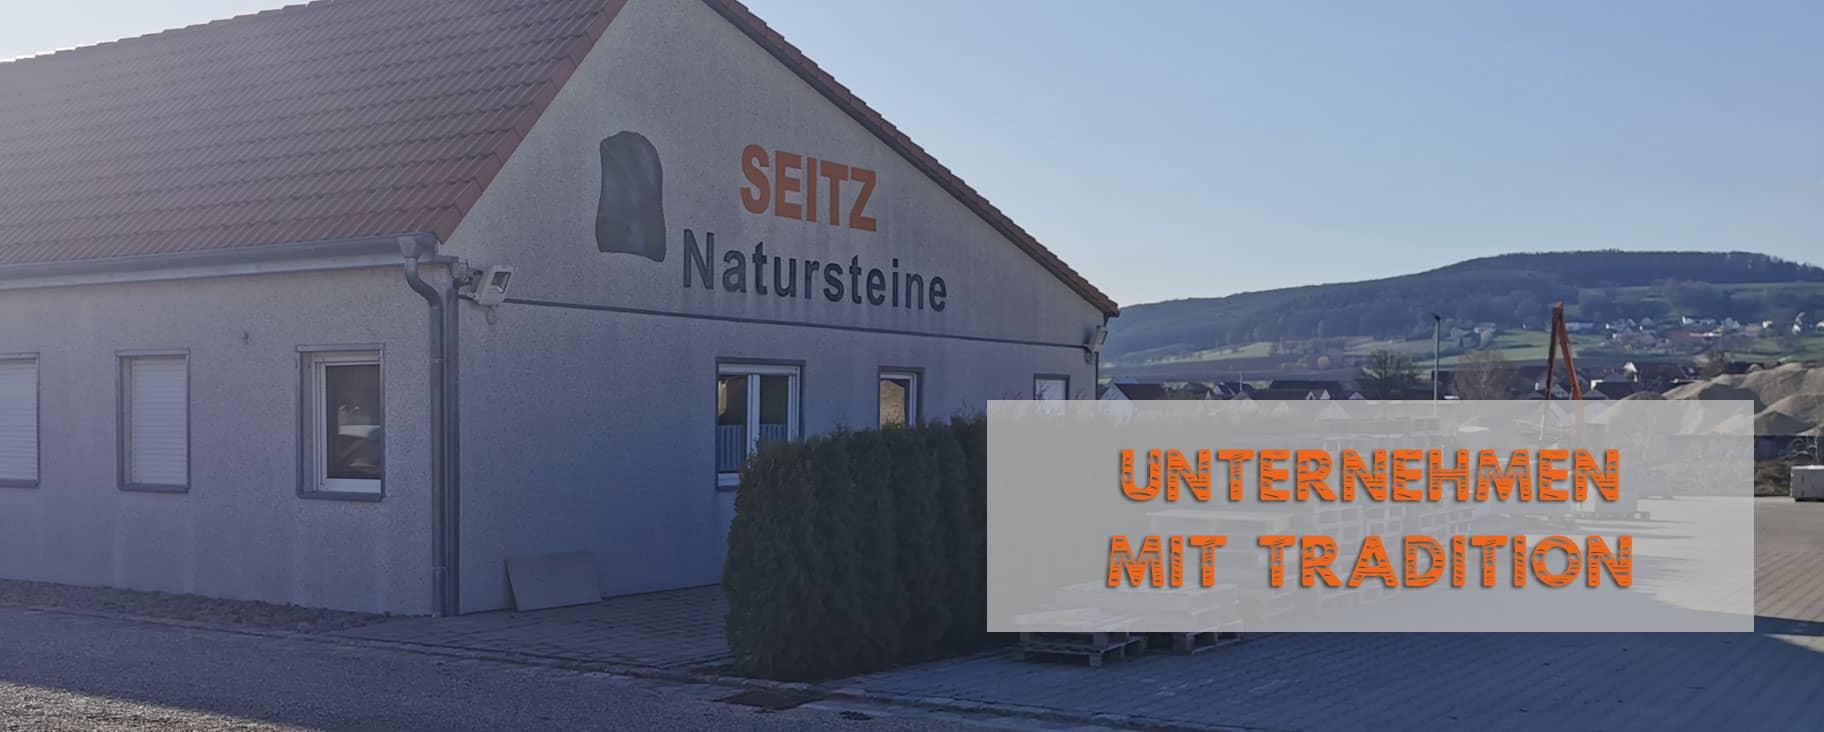 Bürogebäude Transporte & Natursteine Seitz